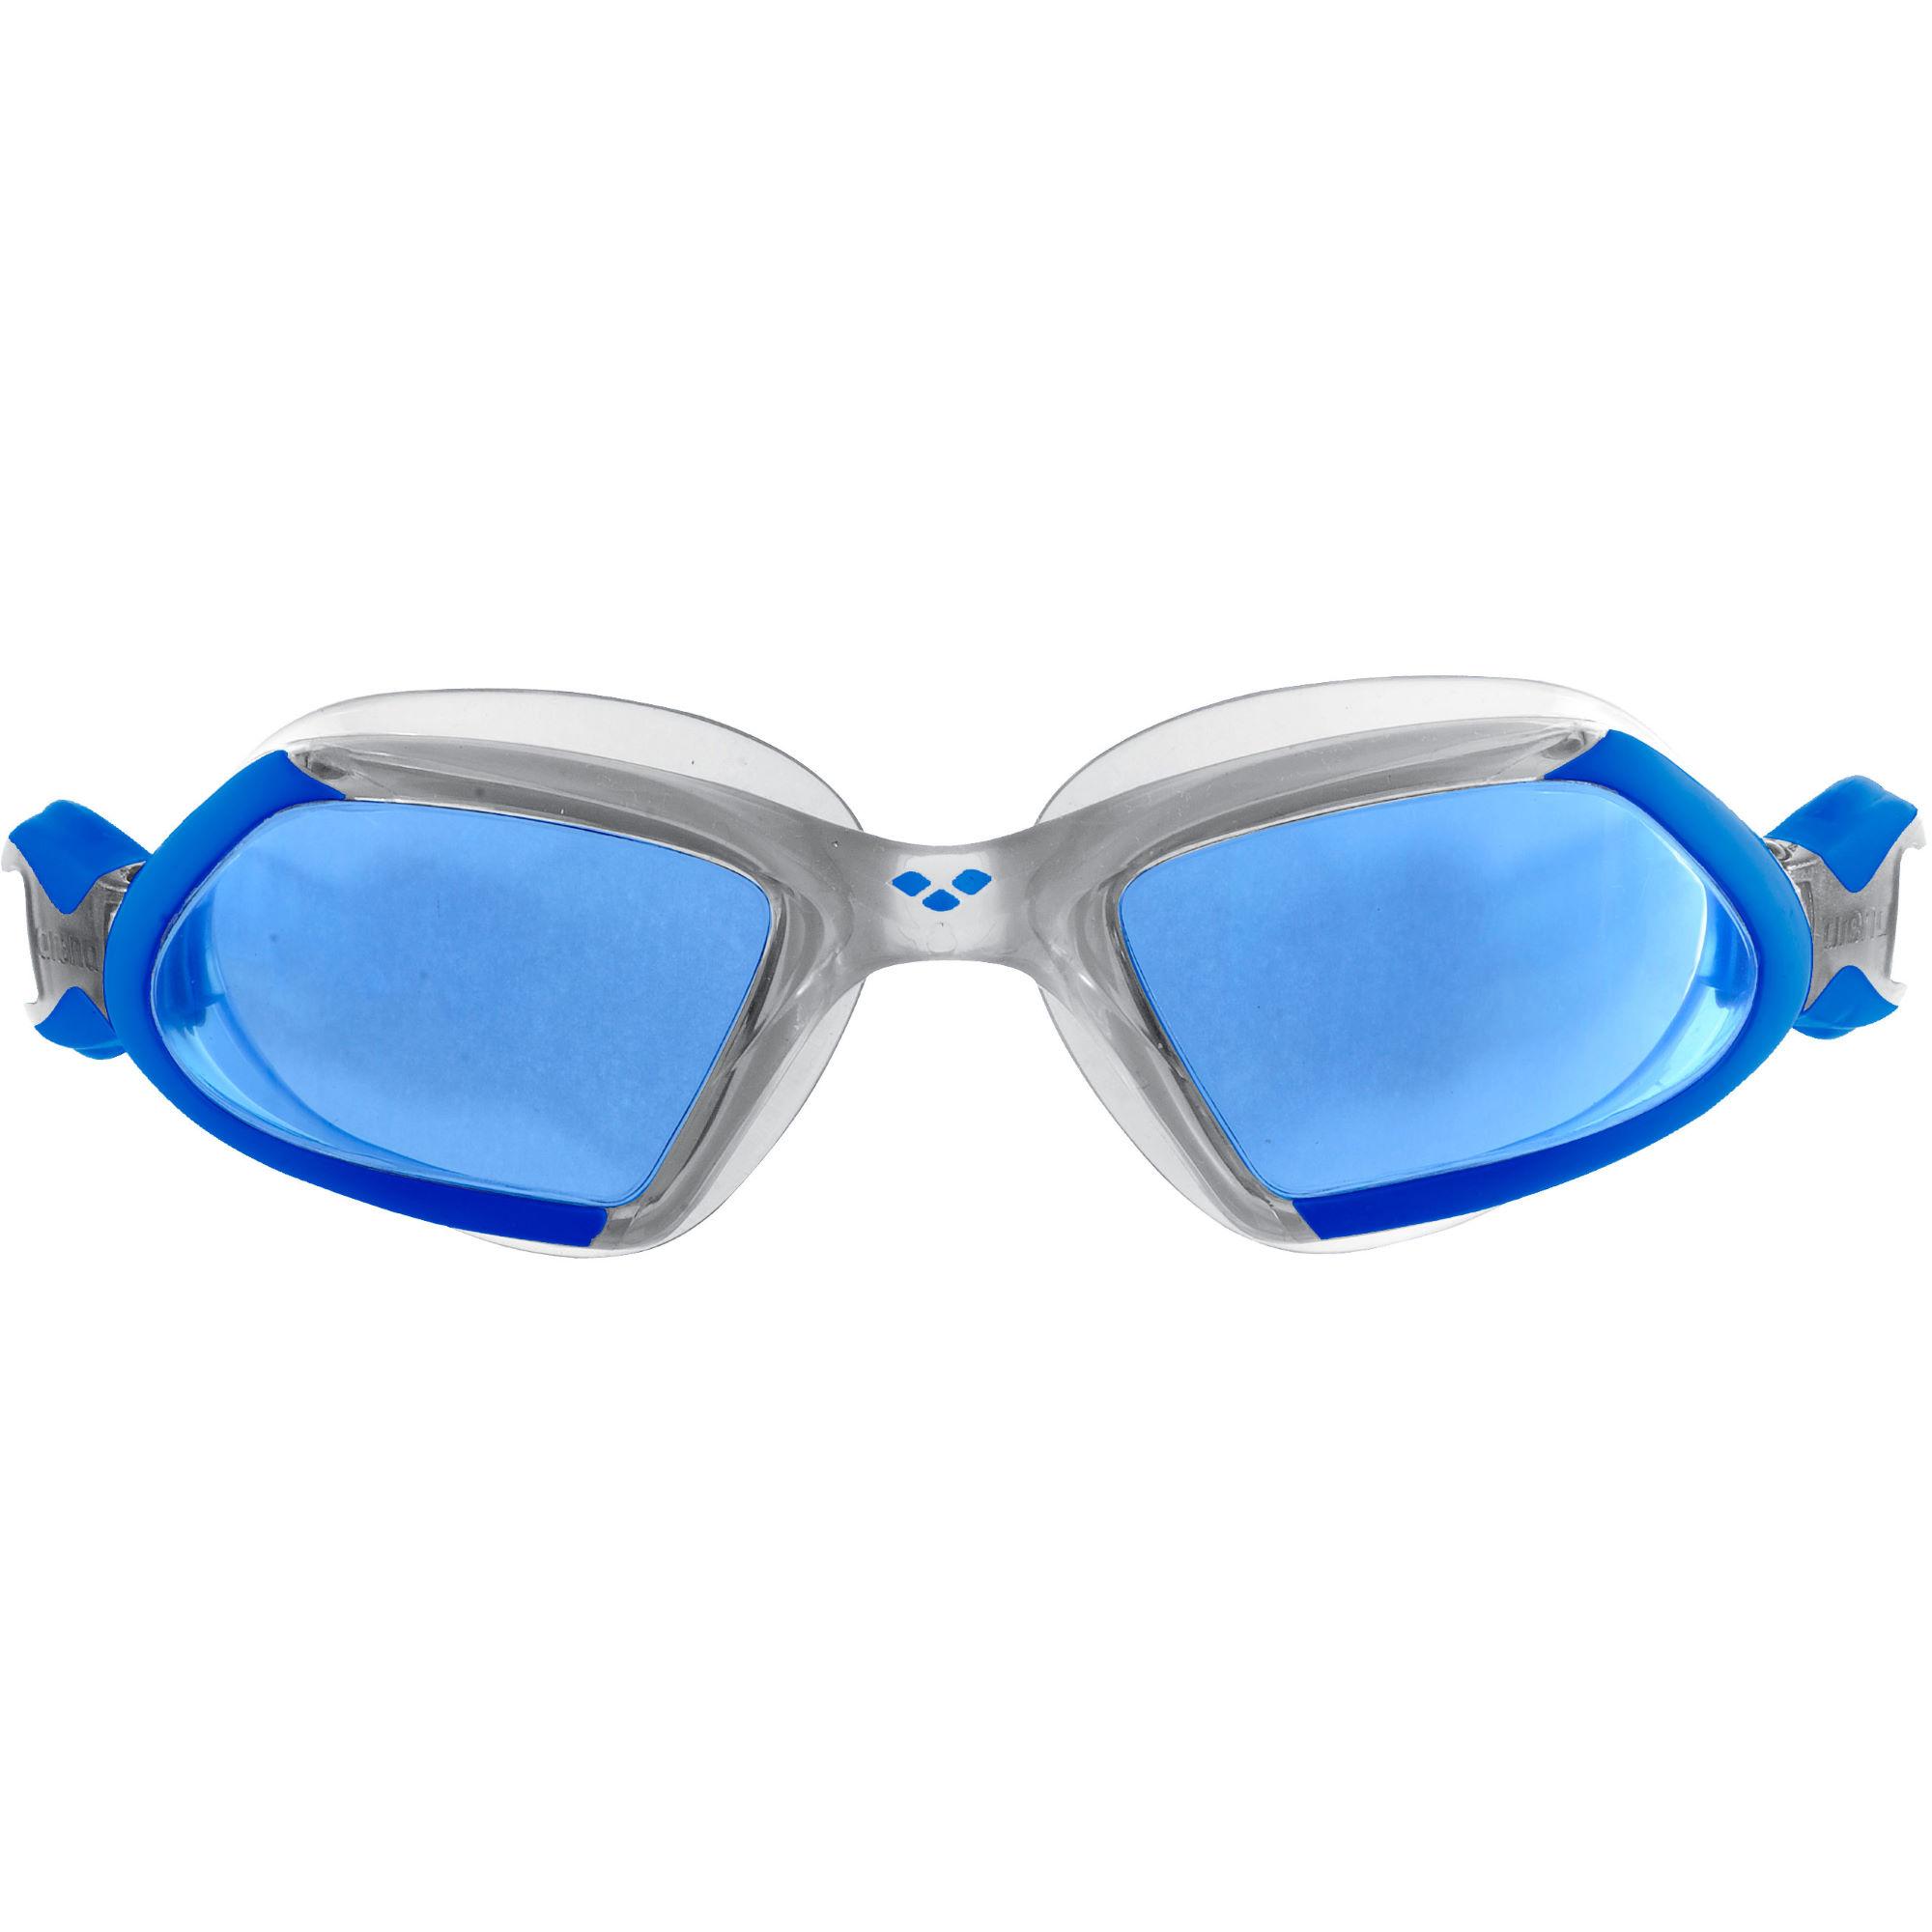 4b865b9a3281 Arena Viper Goggles - Triathlon - Ly Sports